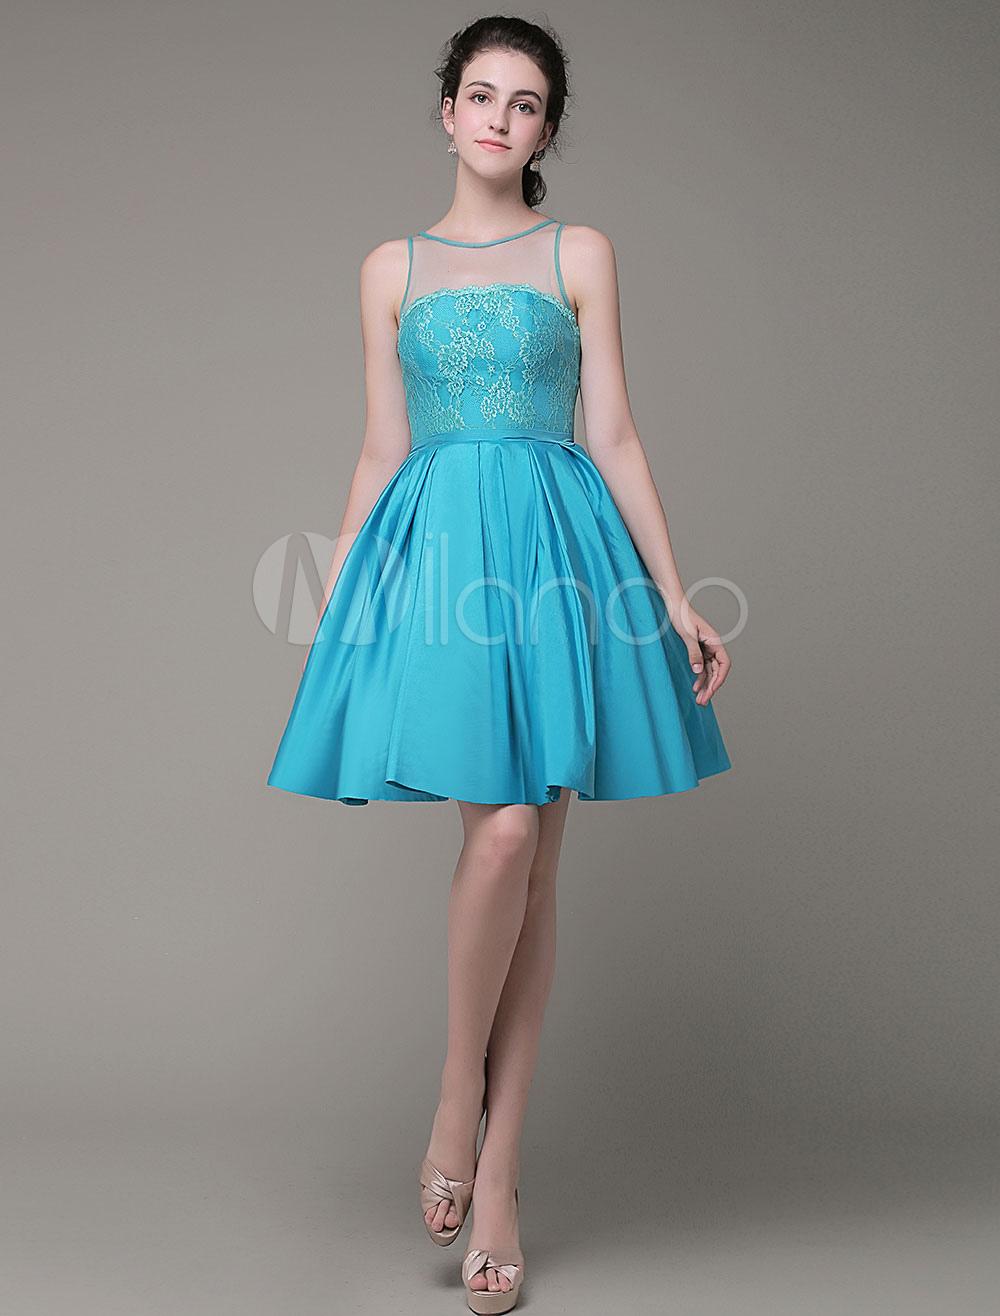 A-Line Prom Dress Lace Jewel Taffeta Pleated Knee-Length Homecoming Dress Milanoo